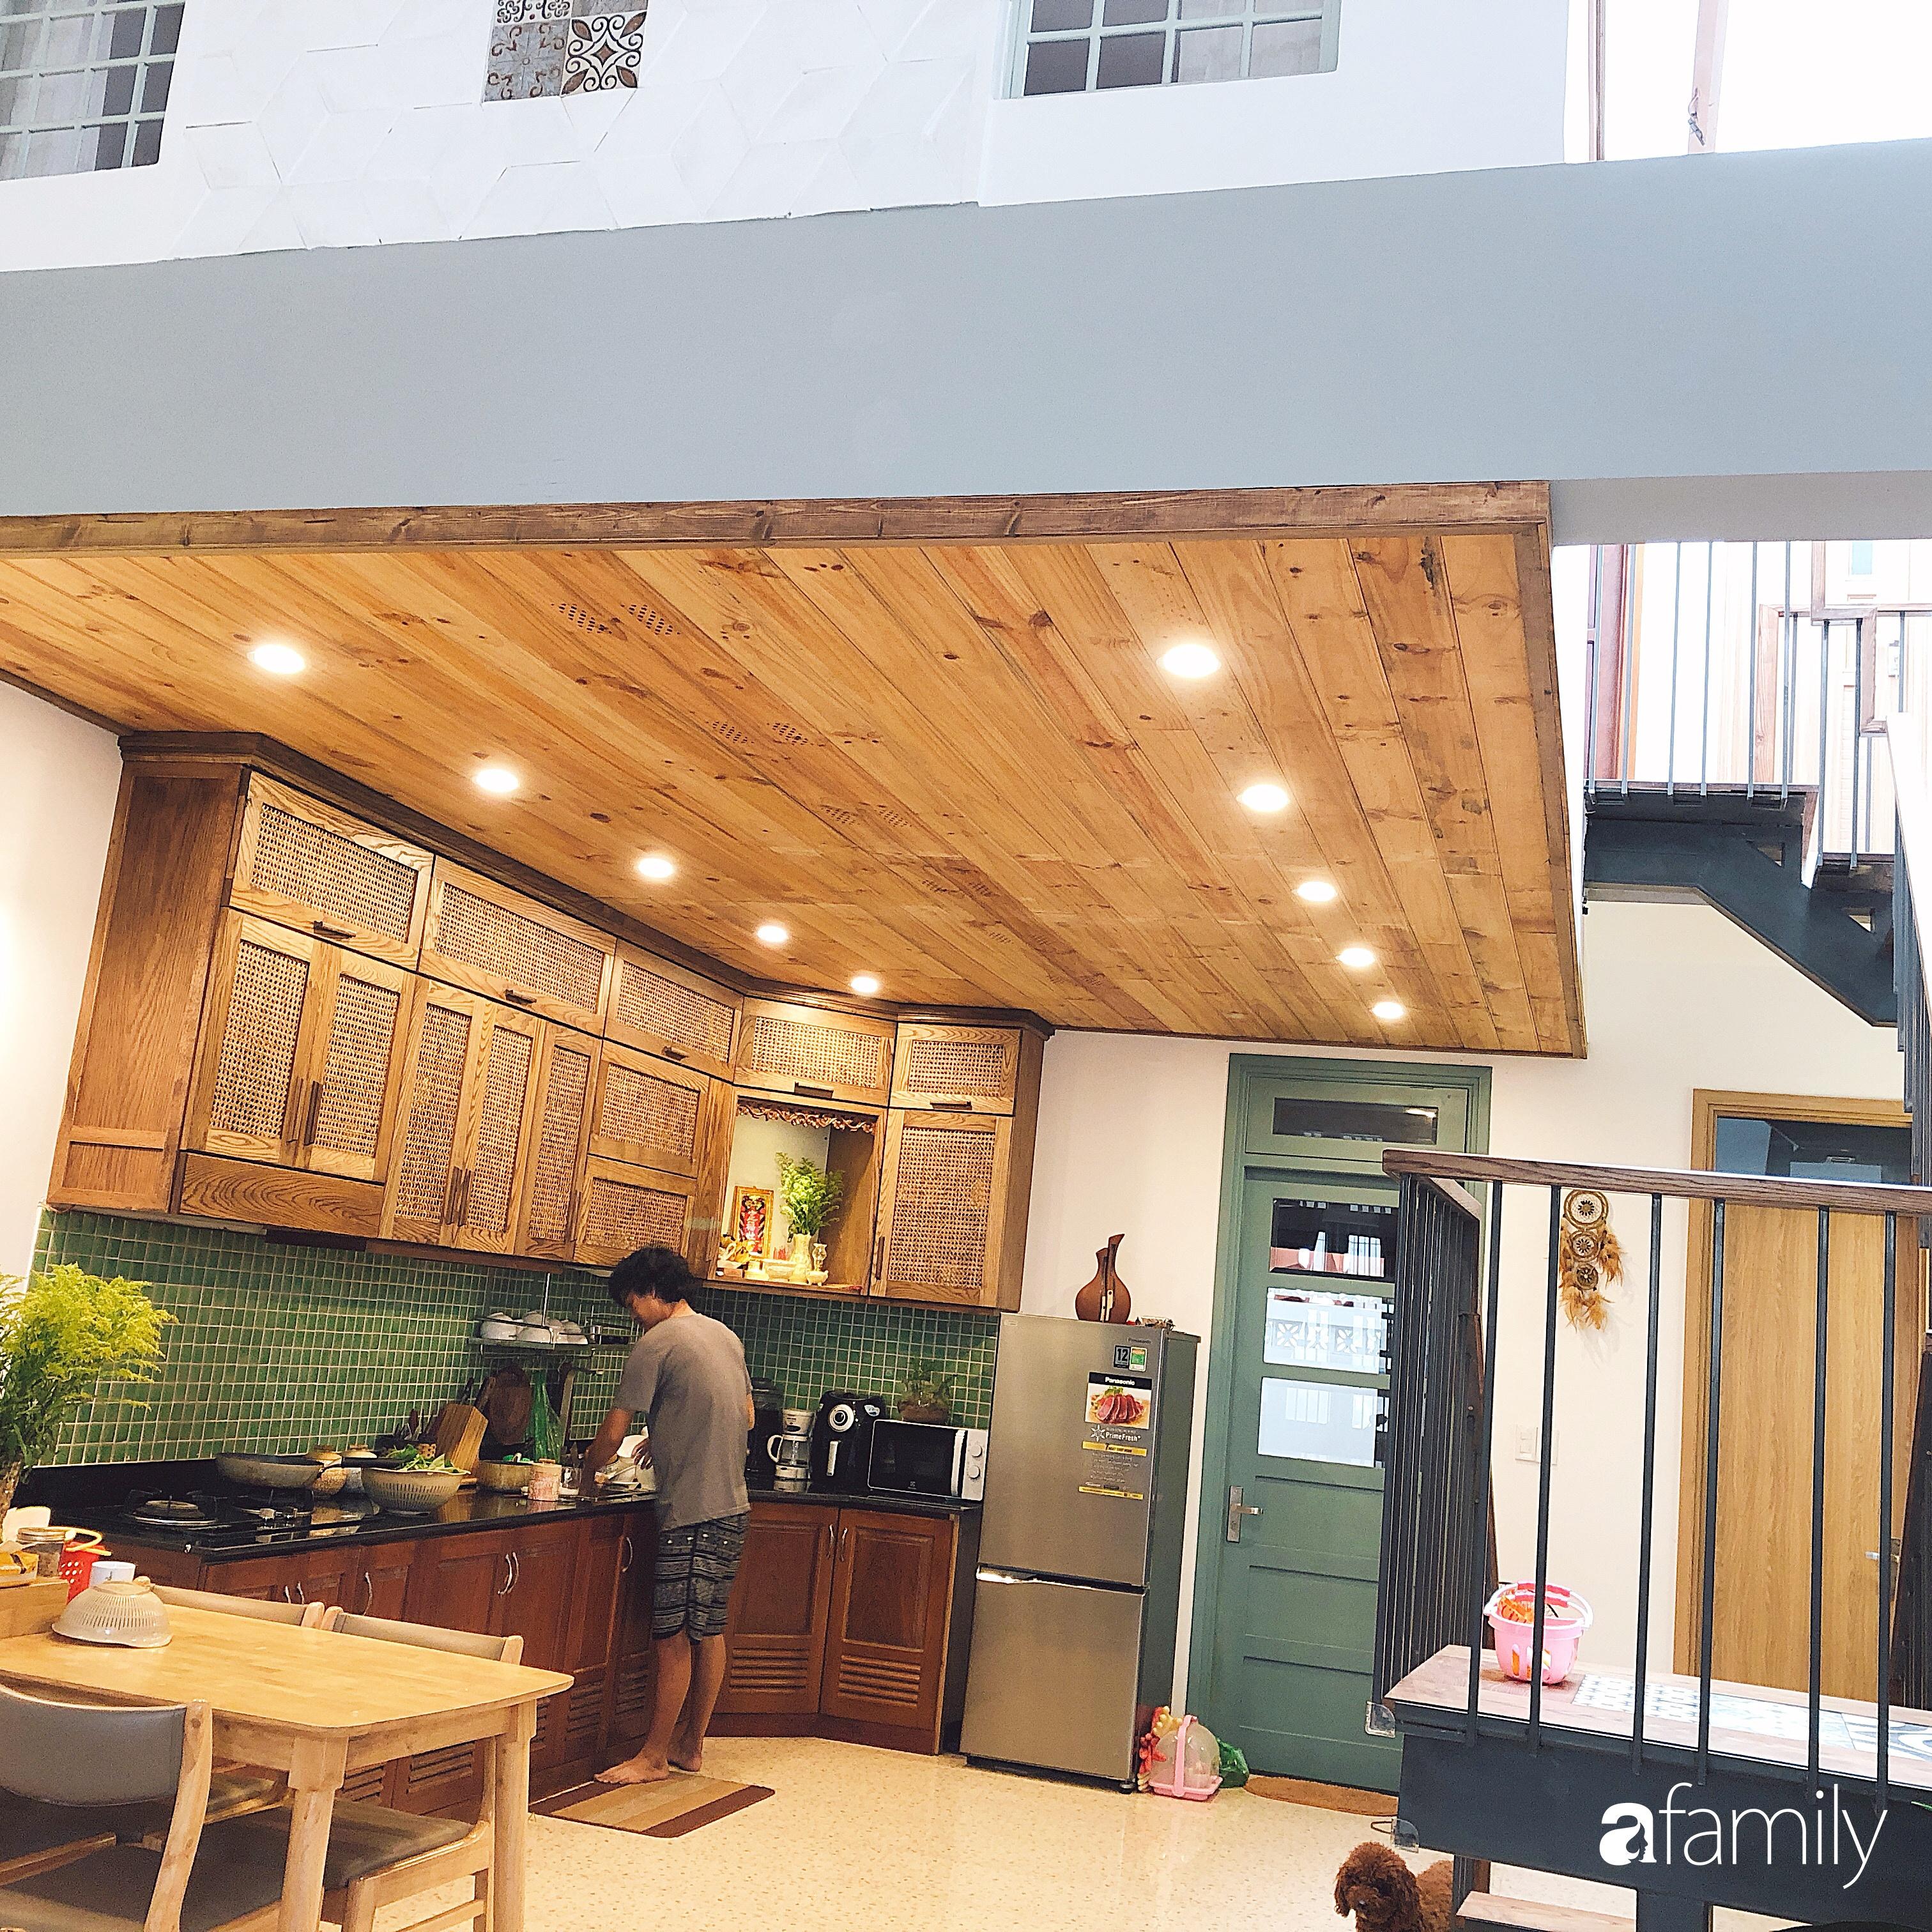 Ngôi nhà 80m² được xây dựng từ những ký ức tuổi thơ yên bình ở thành phố biển Đà Nẵng - Ảnh 10.